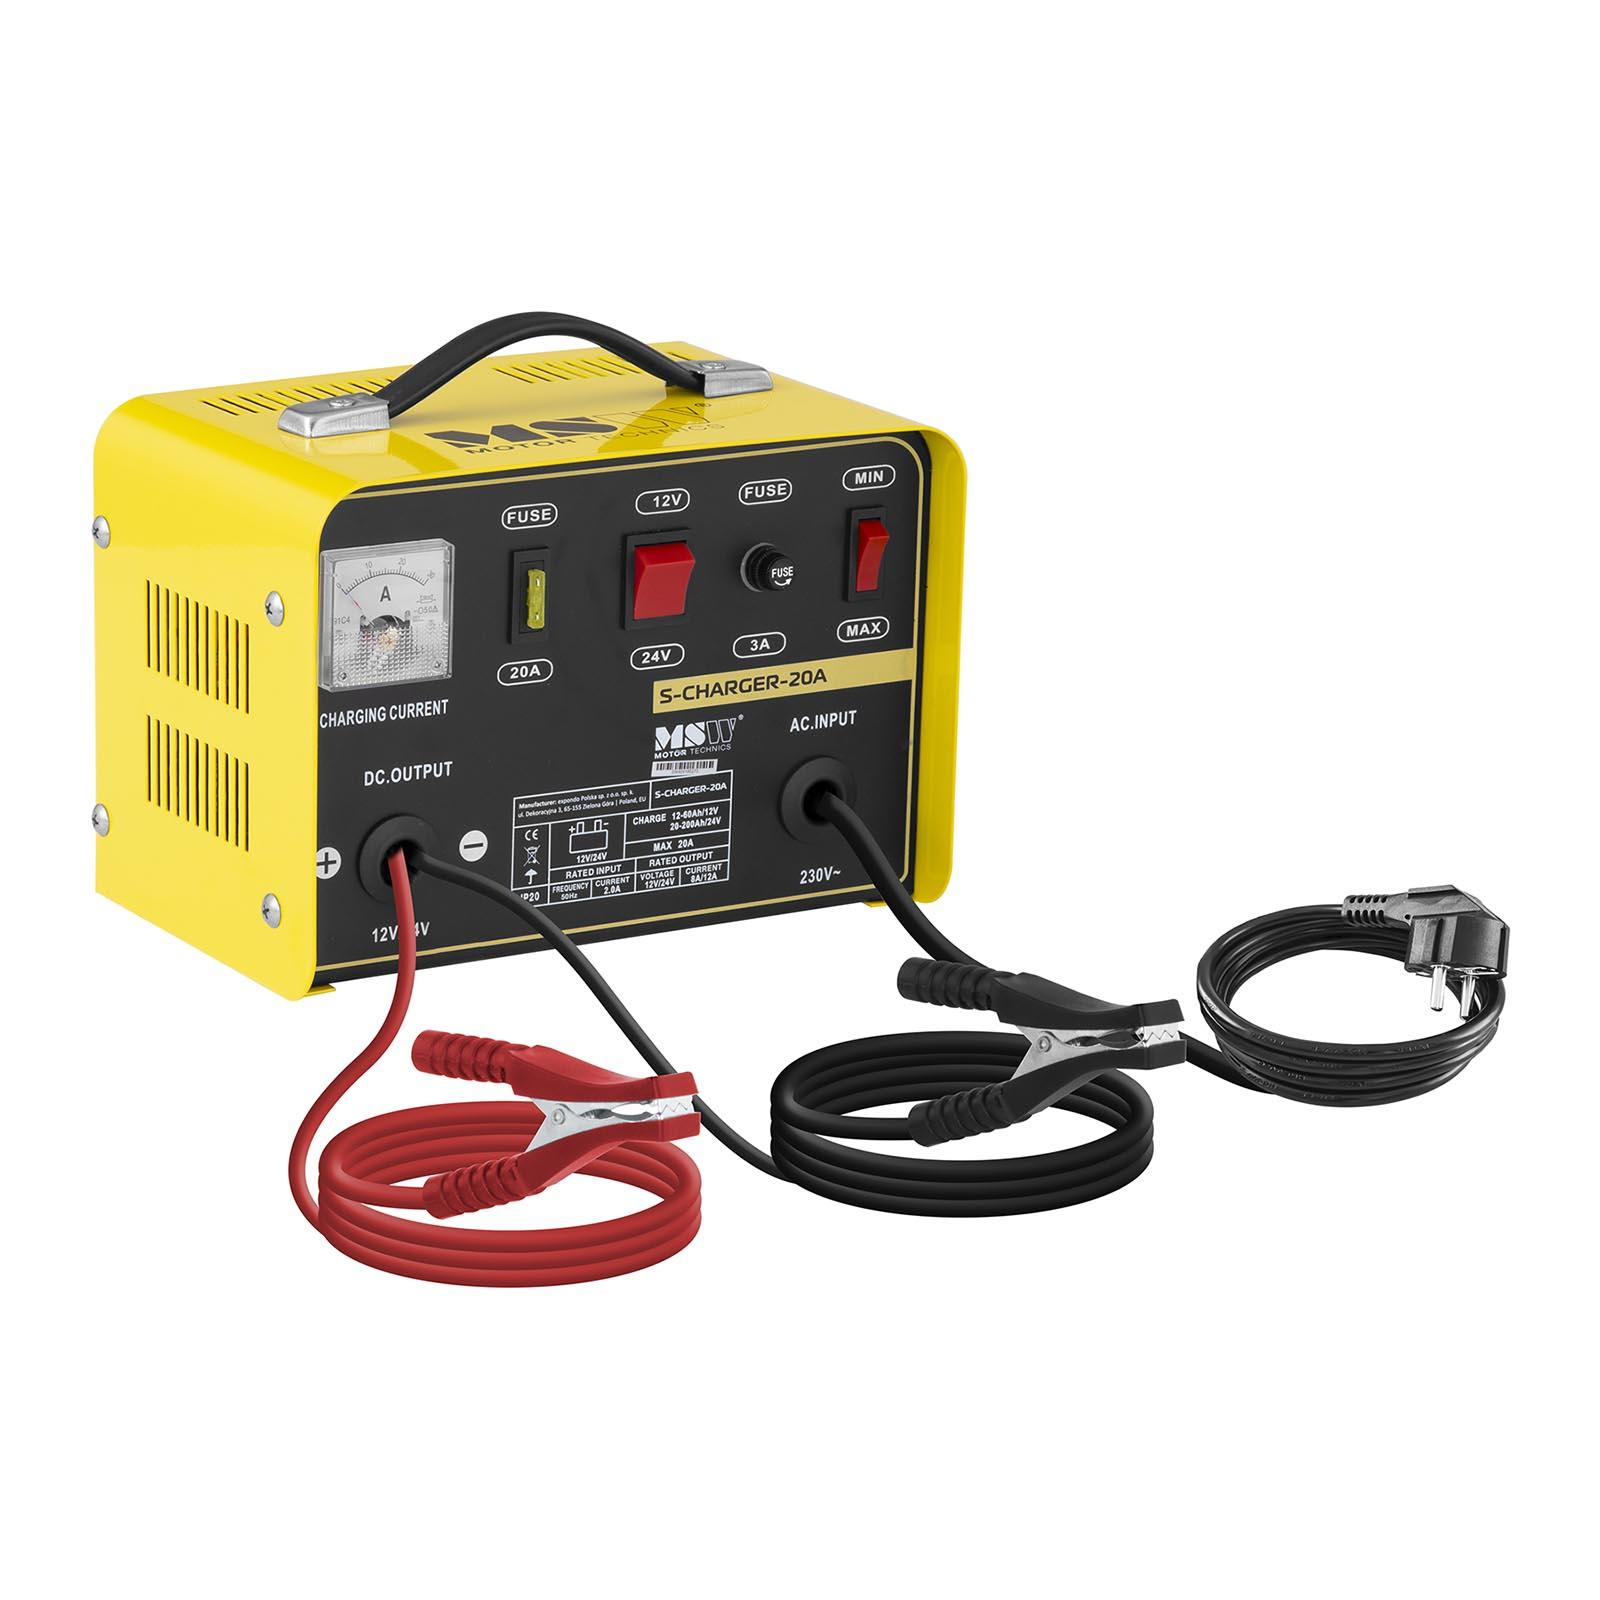 MSW Autobatterie-Ladegerät - 12/24 V - 8/12 A 10060143